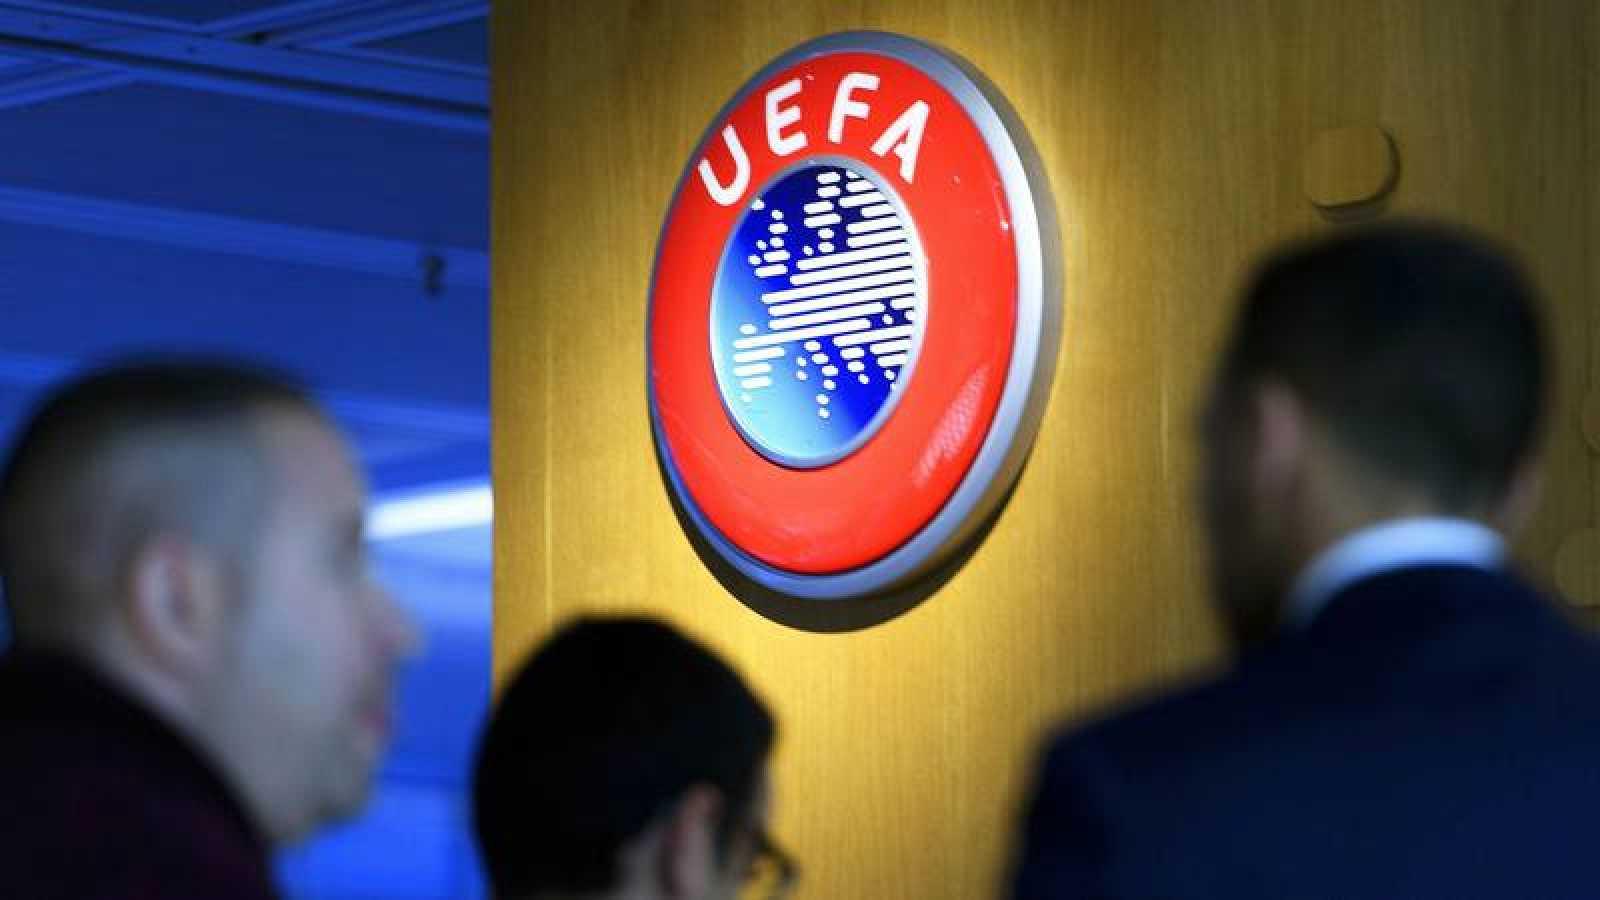 Imagen del logotipo de la UEFA en su sede de Nyon.